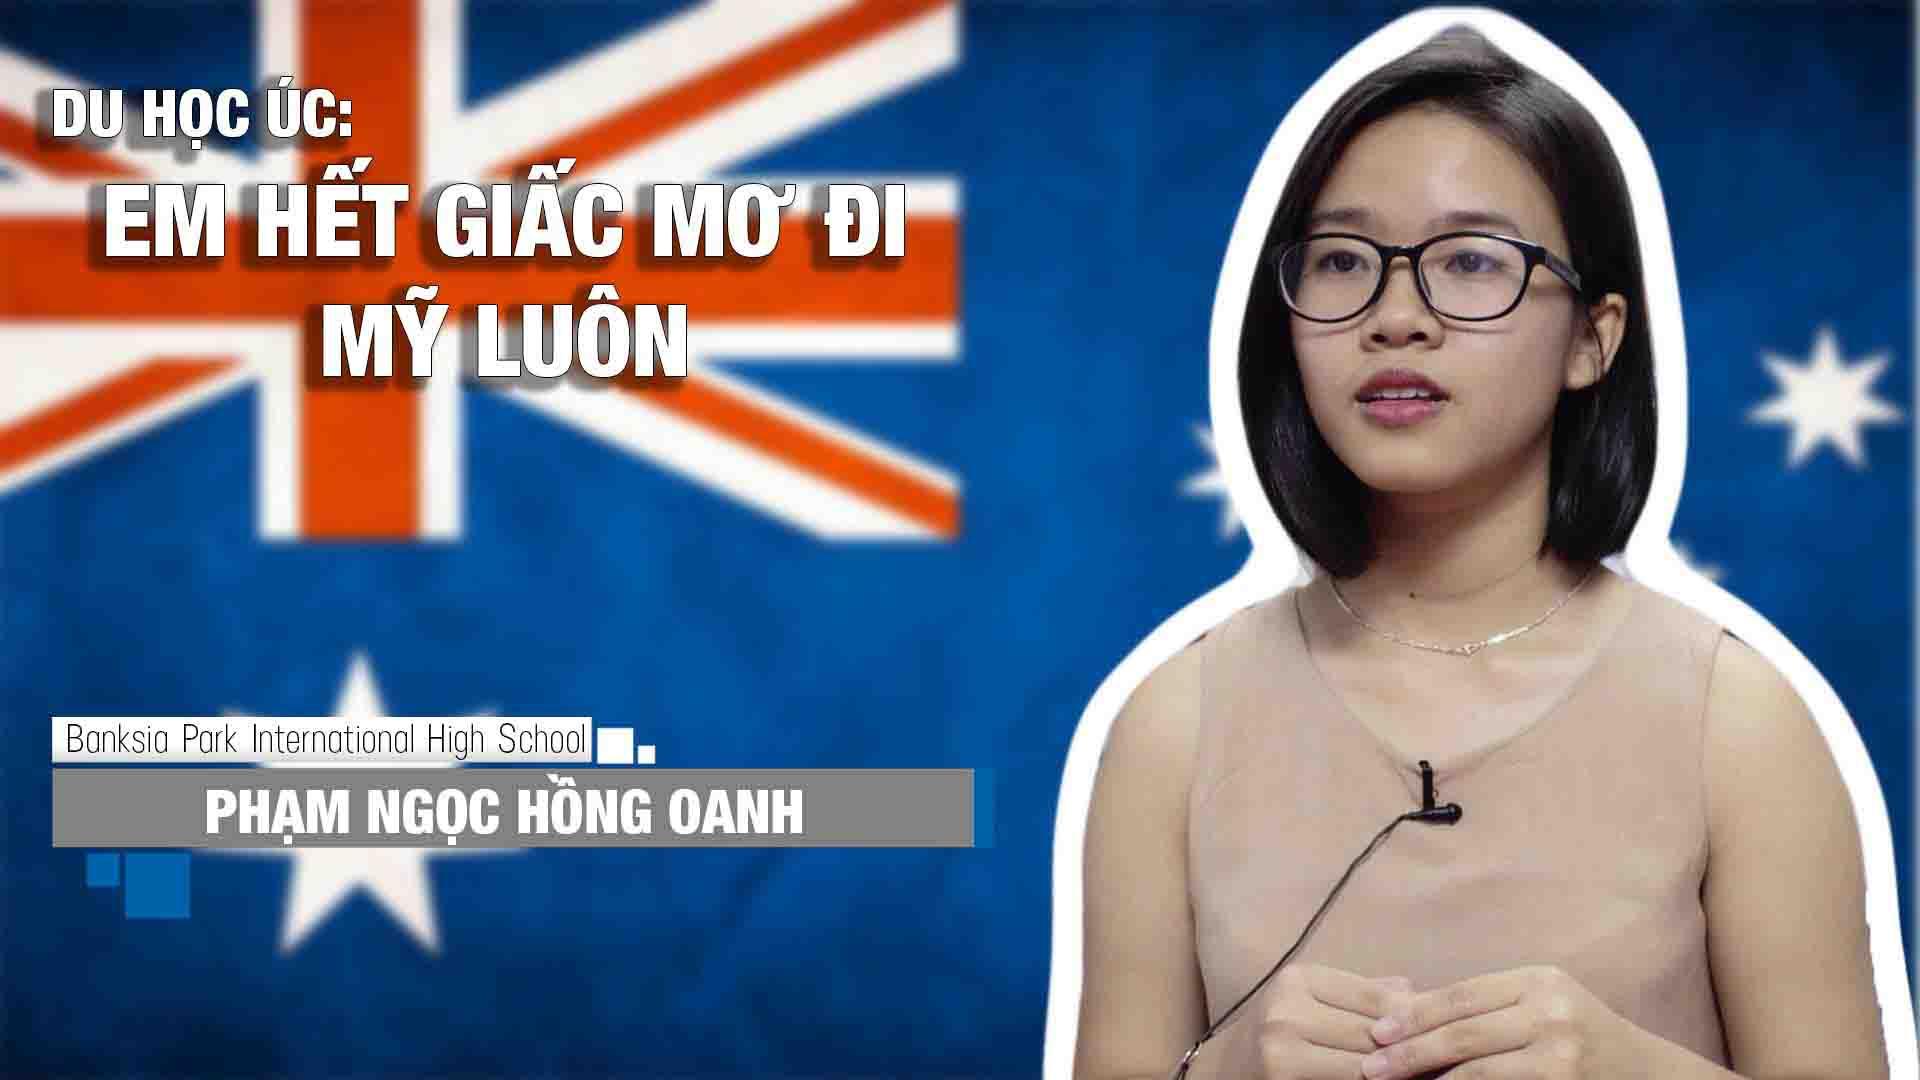 Cô gái xinh xắn đến từ thành phố biển Nha Trang (tỉnh Khánh Hòa) sắp sửa theo học lớp 10 tại Banksia Park International High School.